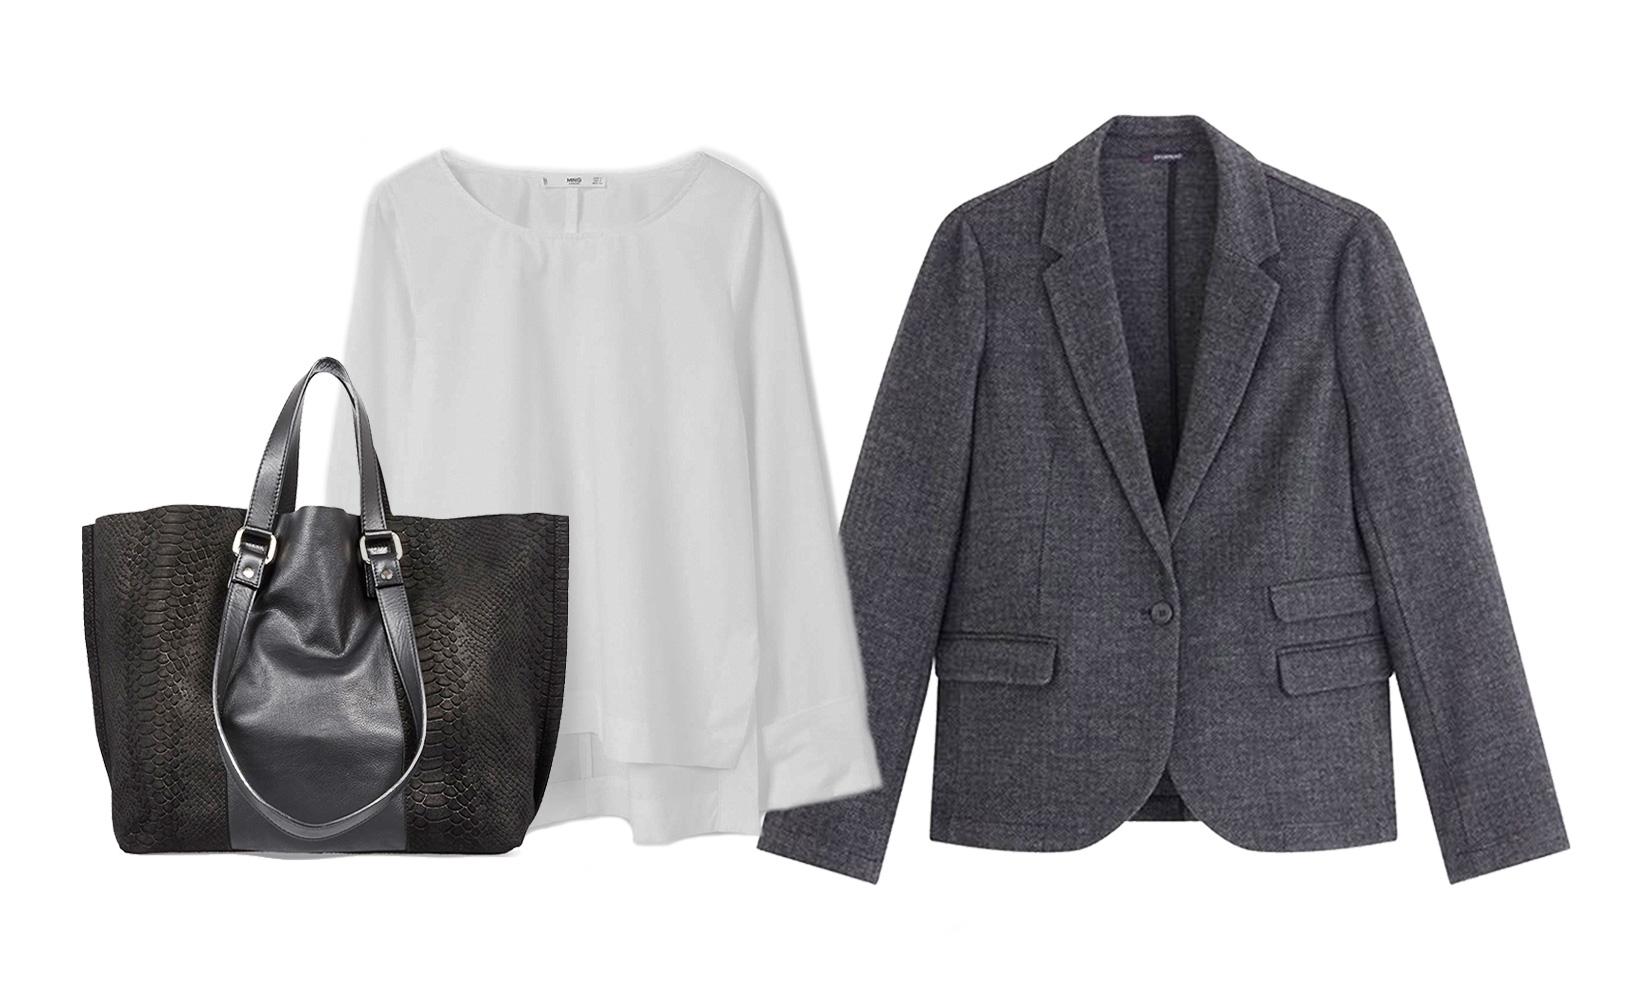 3 basiques : 1 blouse + 1 veste + 1 sac